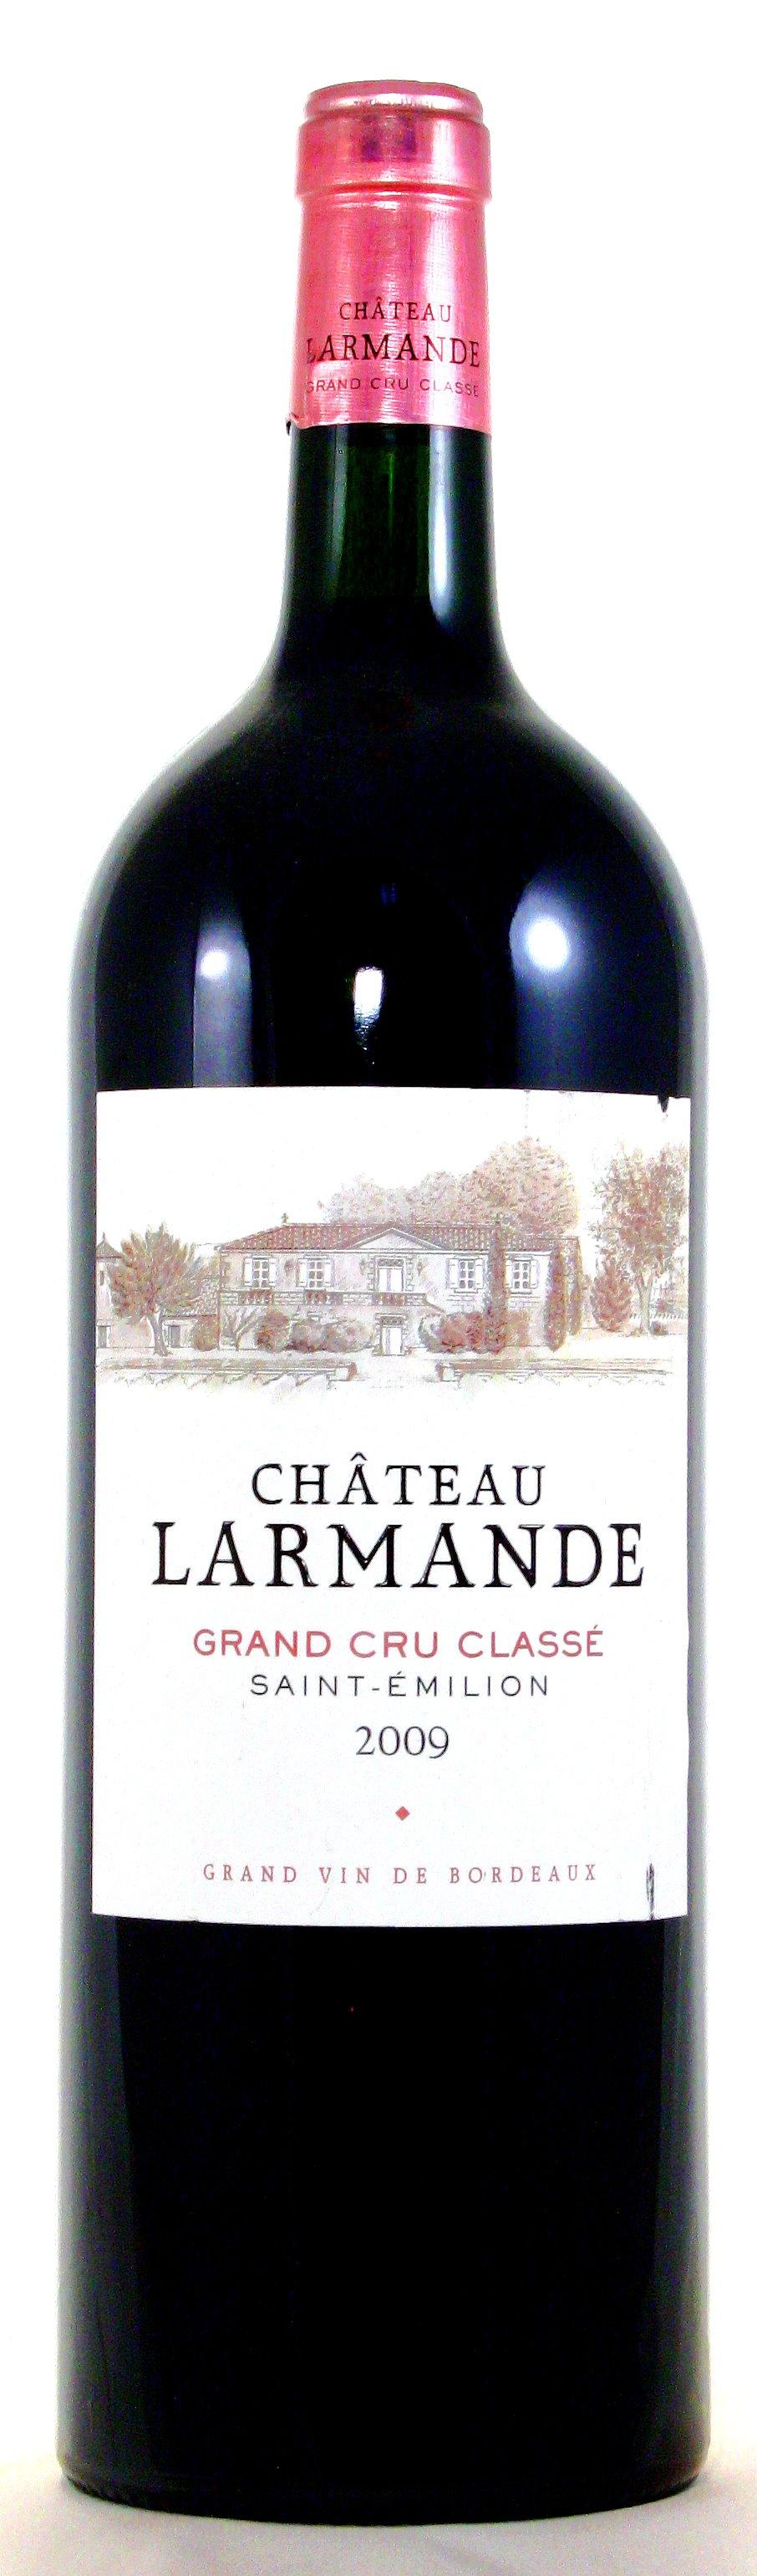 2009 Château Larmande MAGNUM, Saint-Emilion Bordeaux